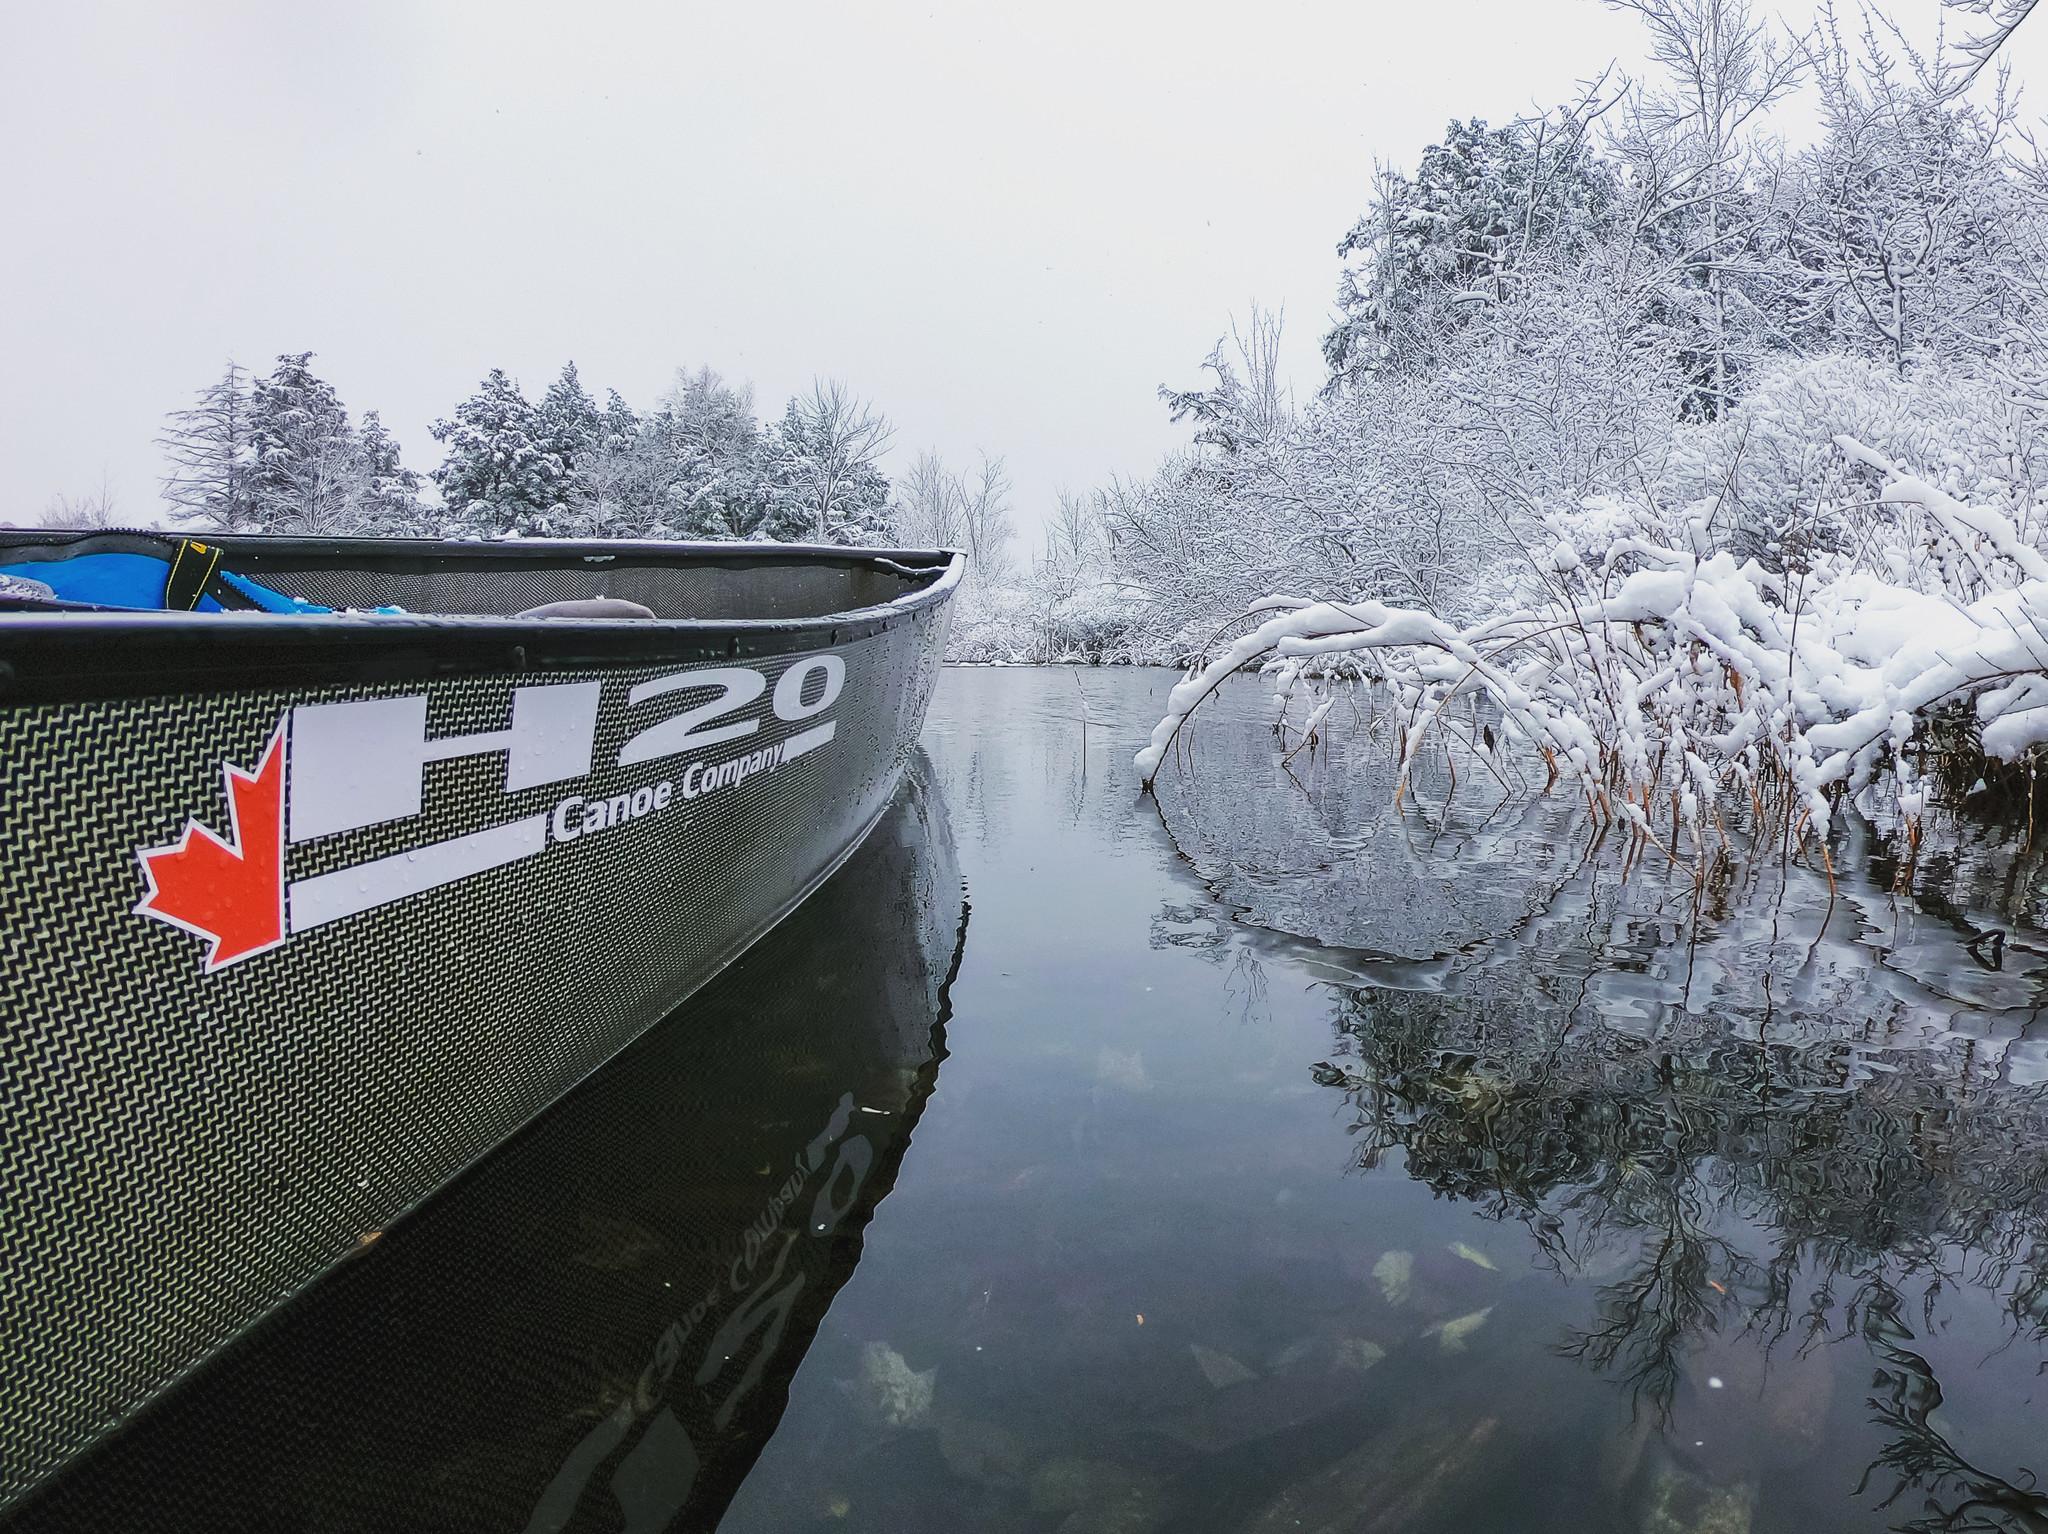 A Canoe in a winter wonderland